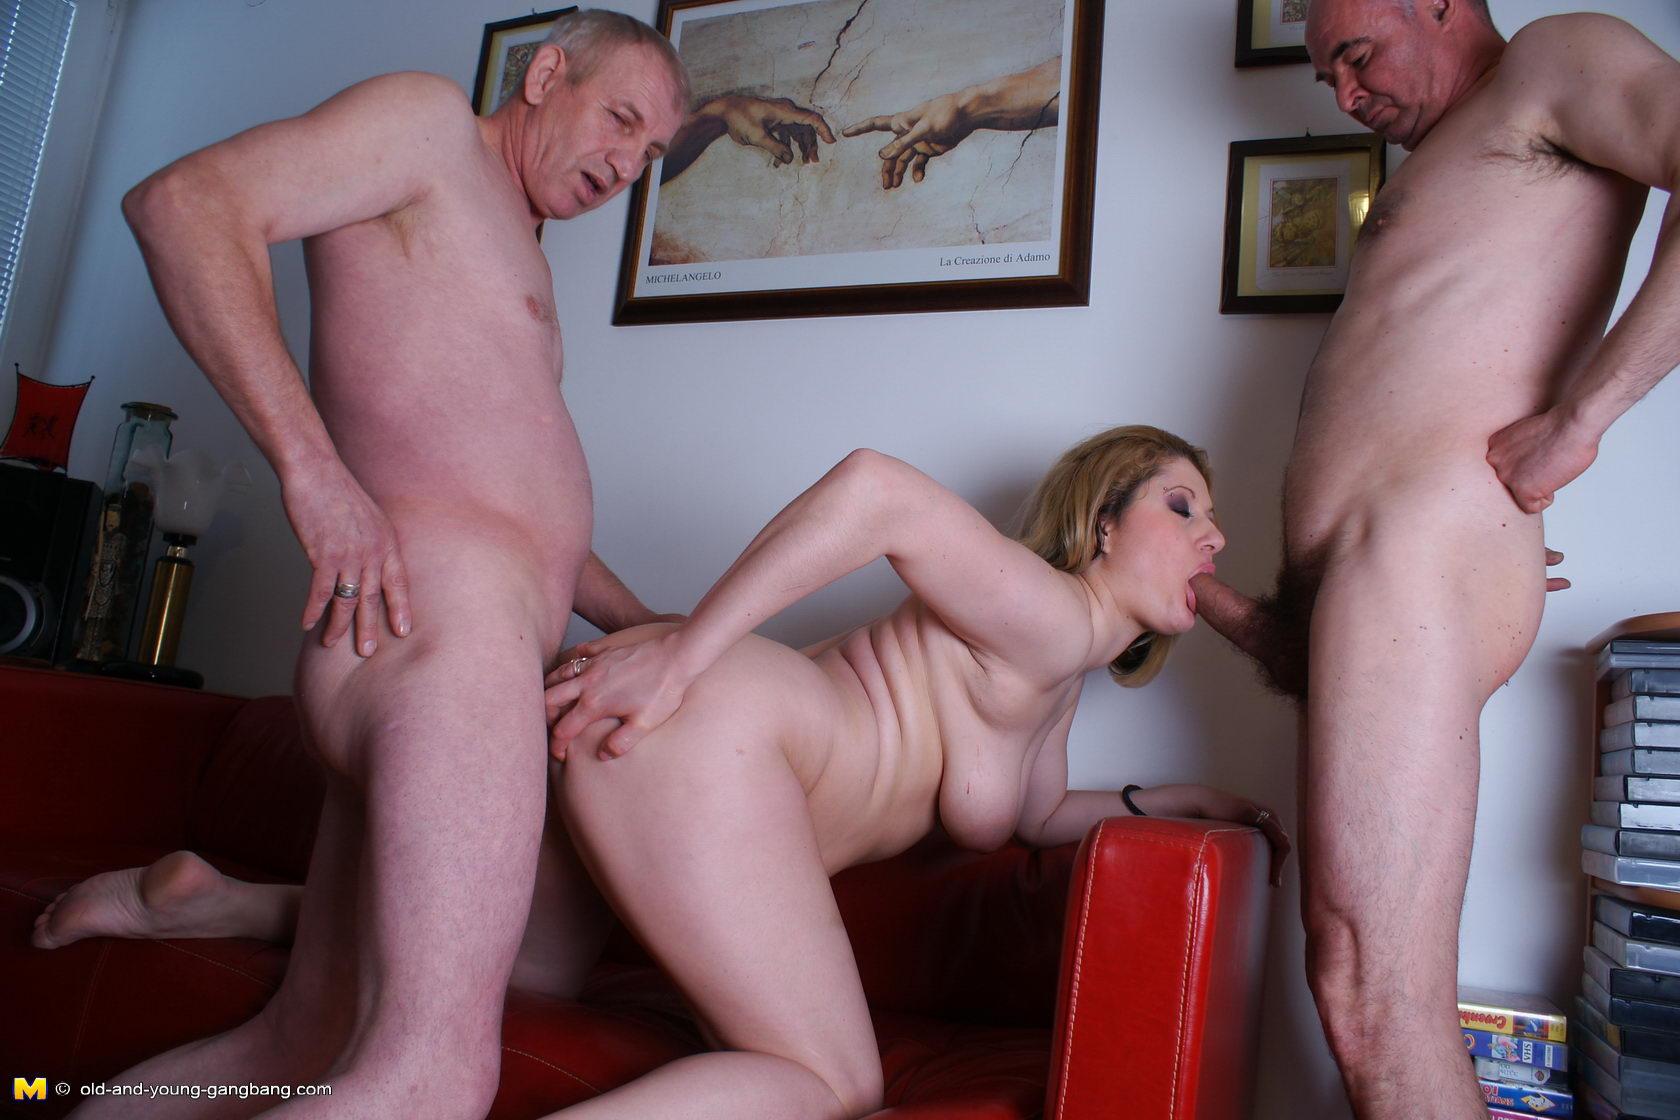 Посмотреть порно секс дед развел вунучку на секс онлайн 20 фотография